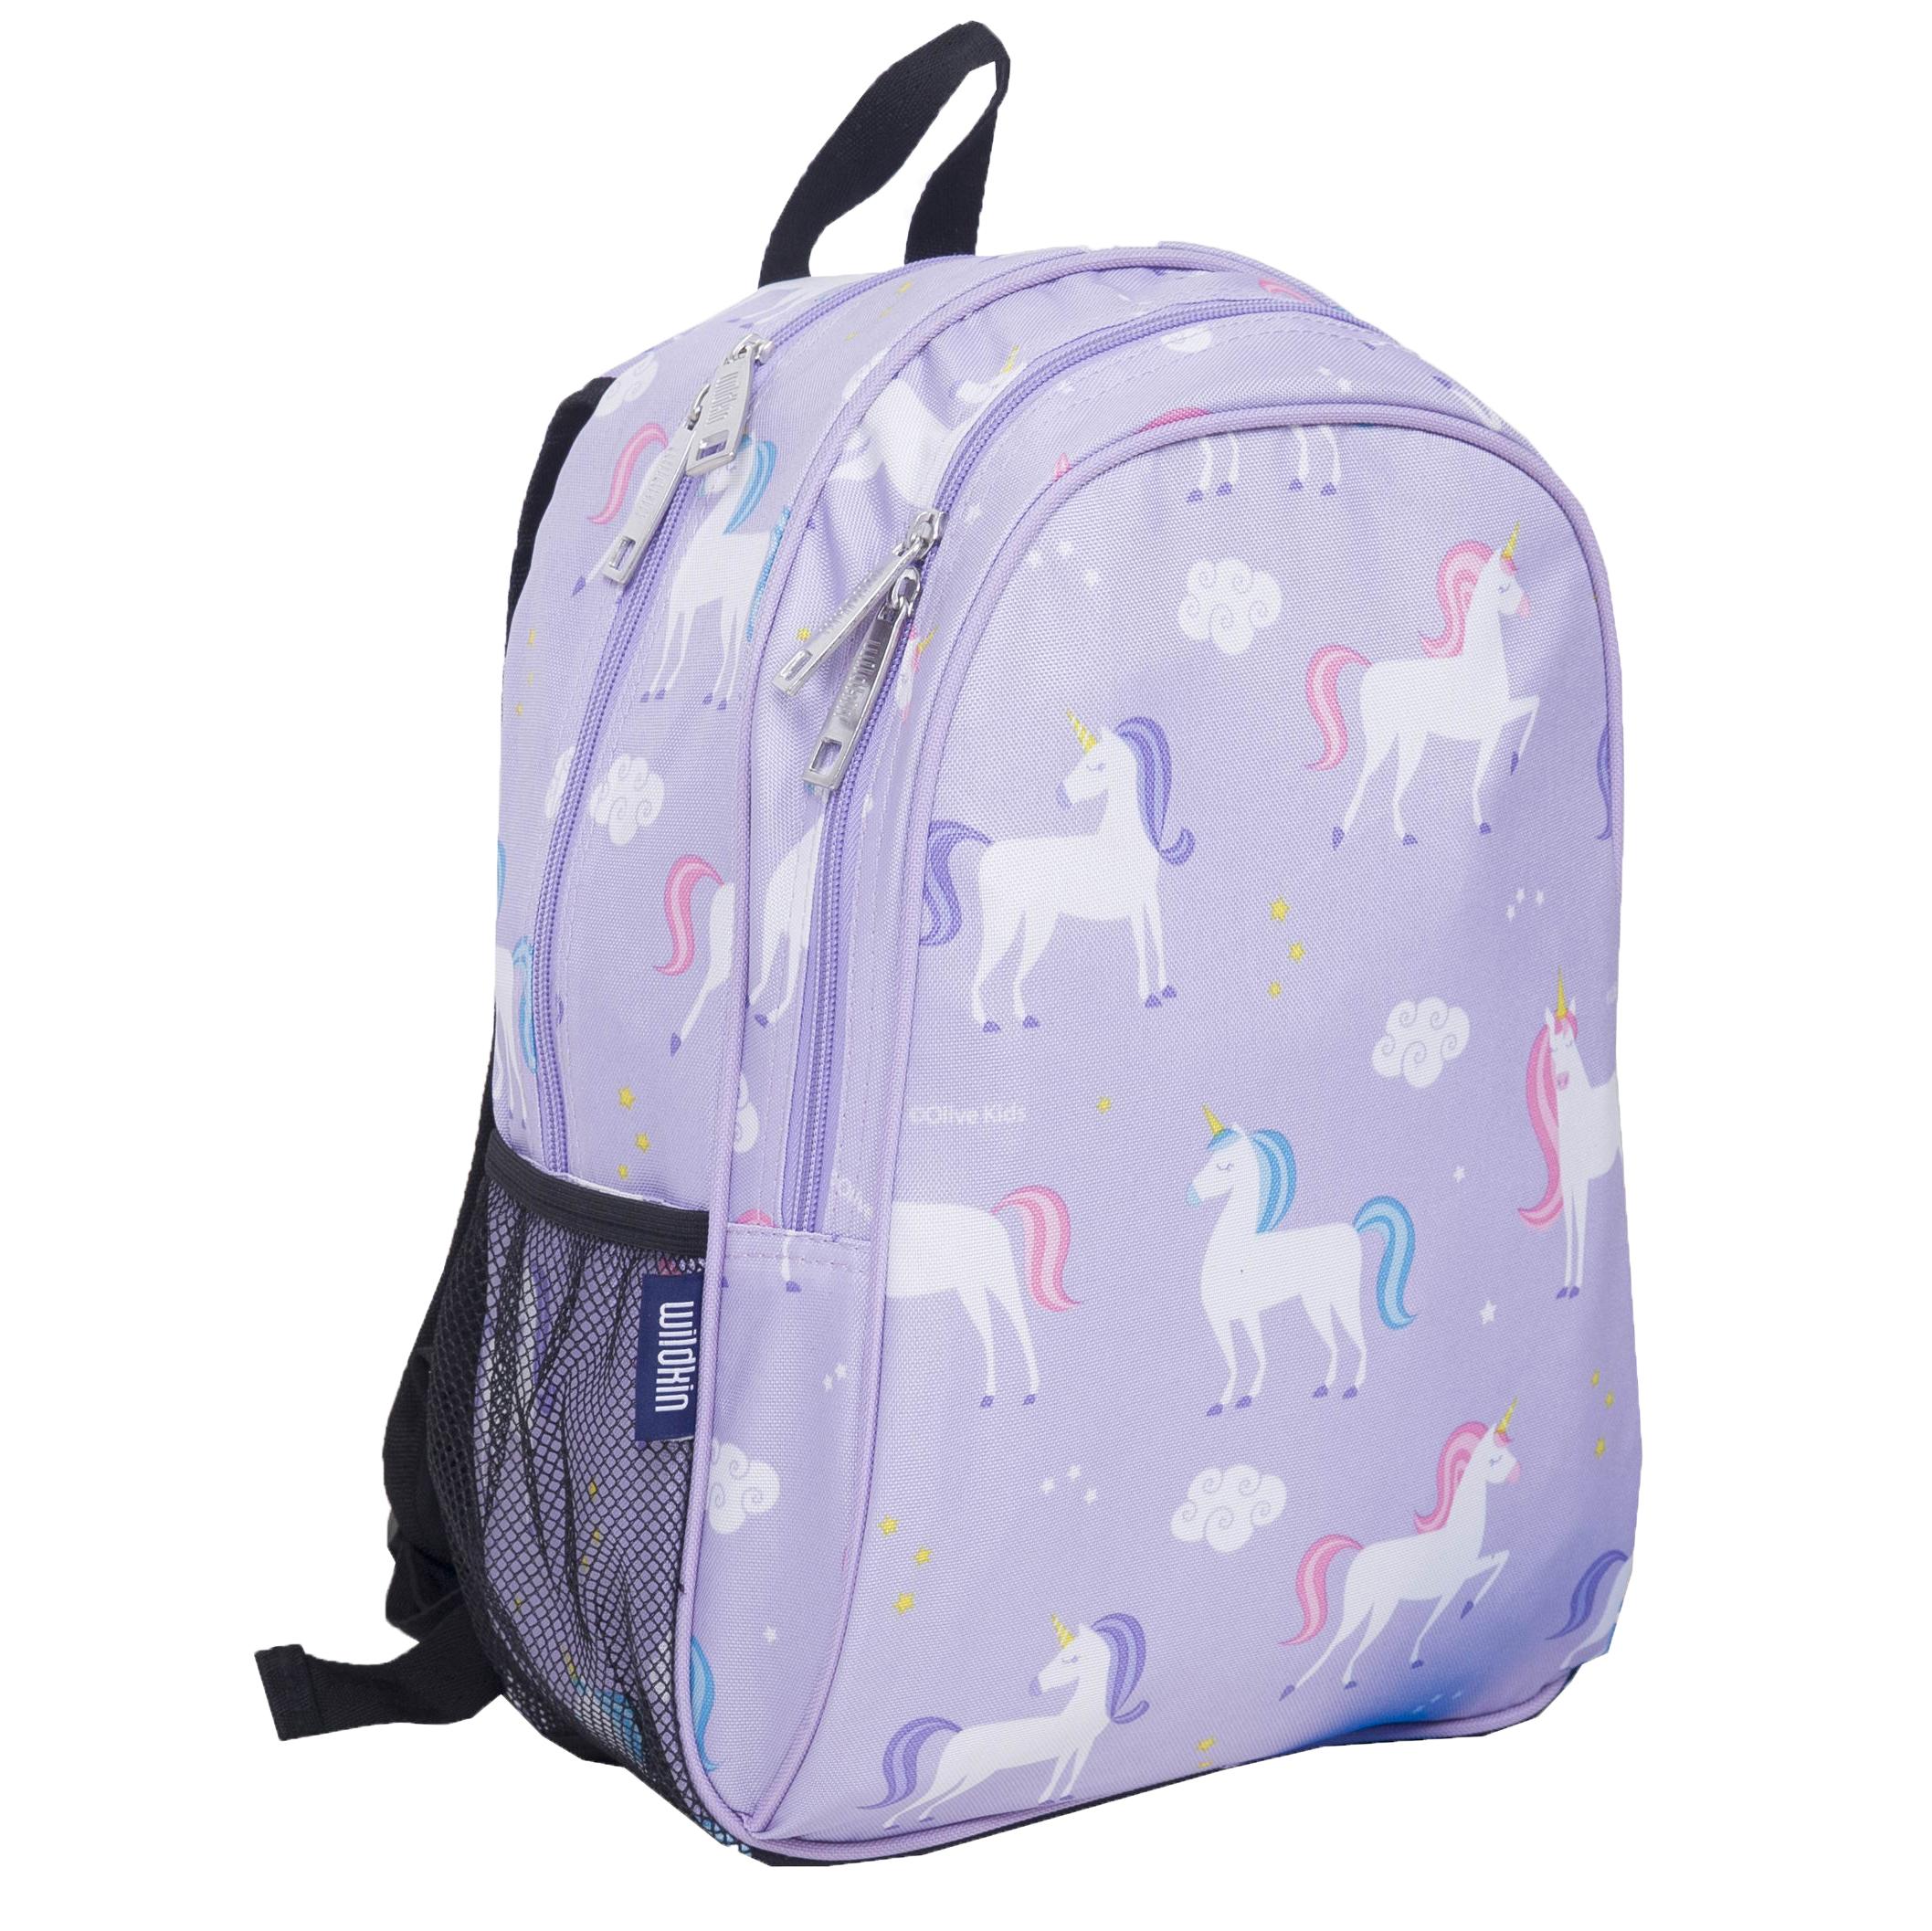 All Wildkin Backpacks